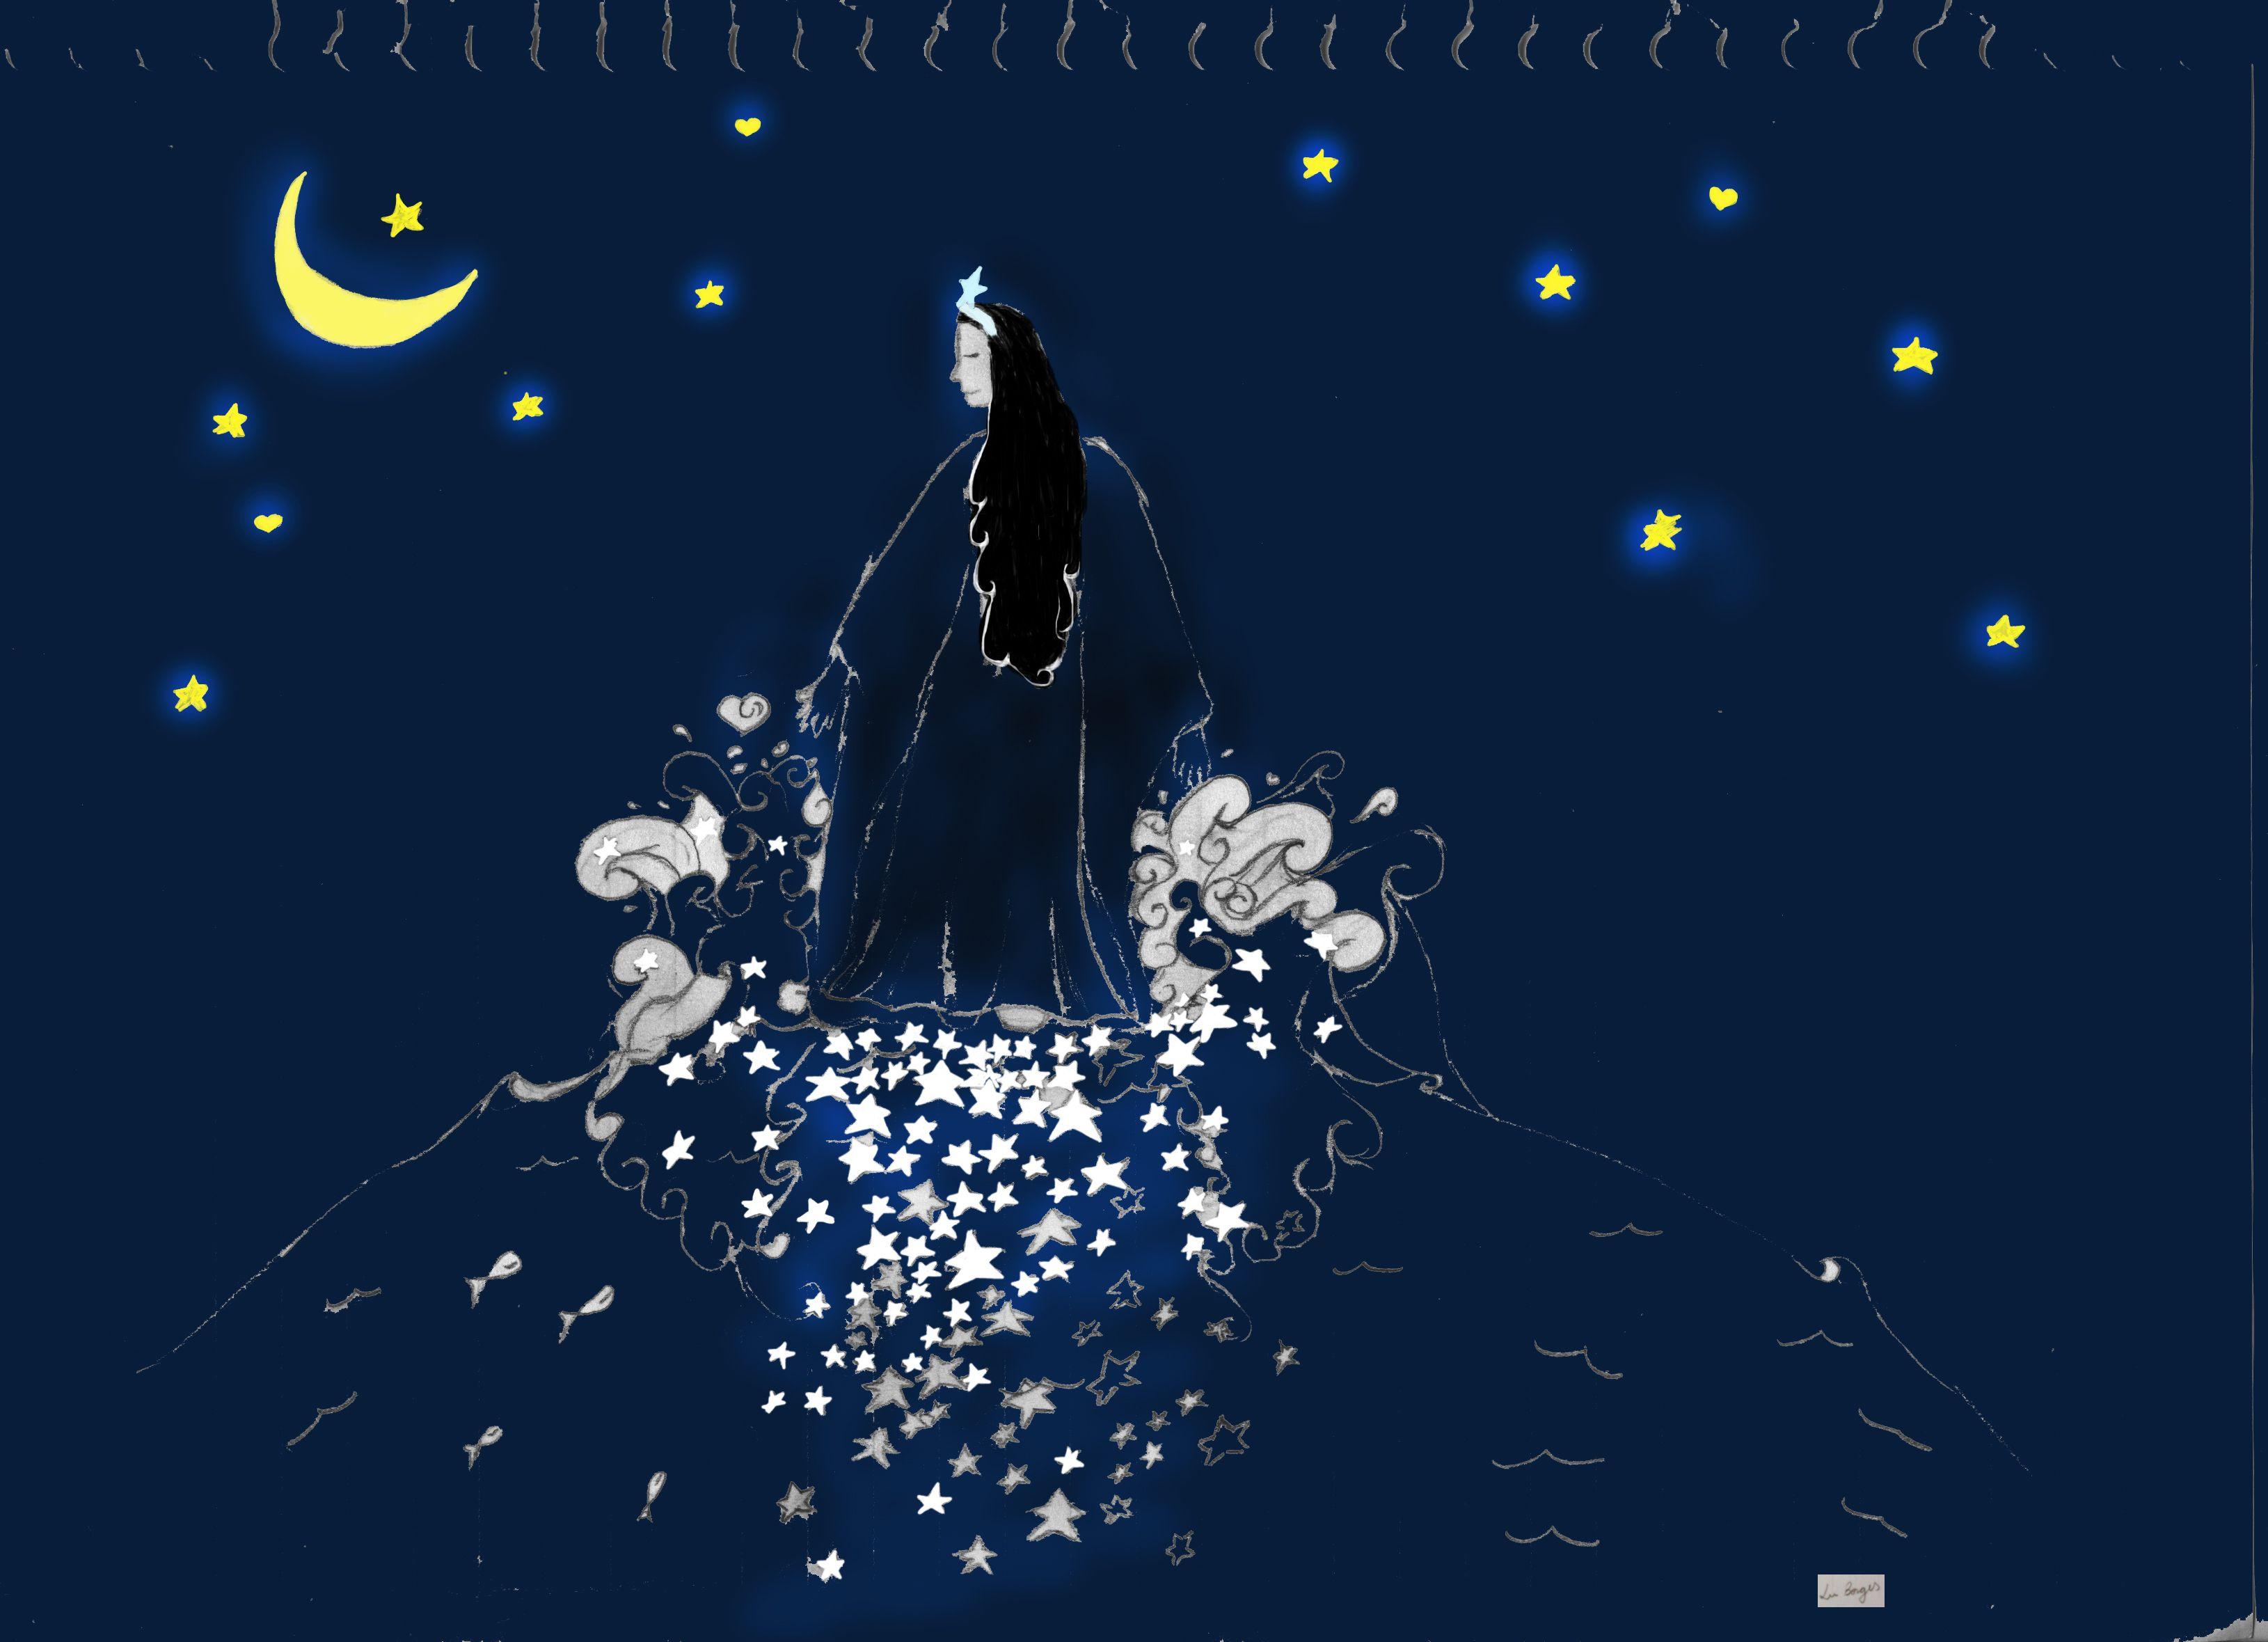 That's me, risking an illustration of my own: Iemanjá deixando um caminho de estrelas pelo mar.